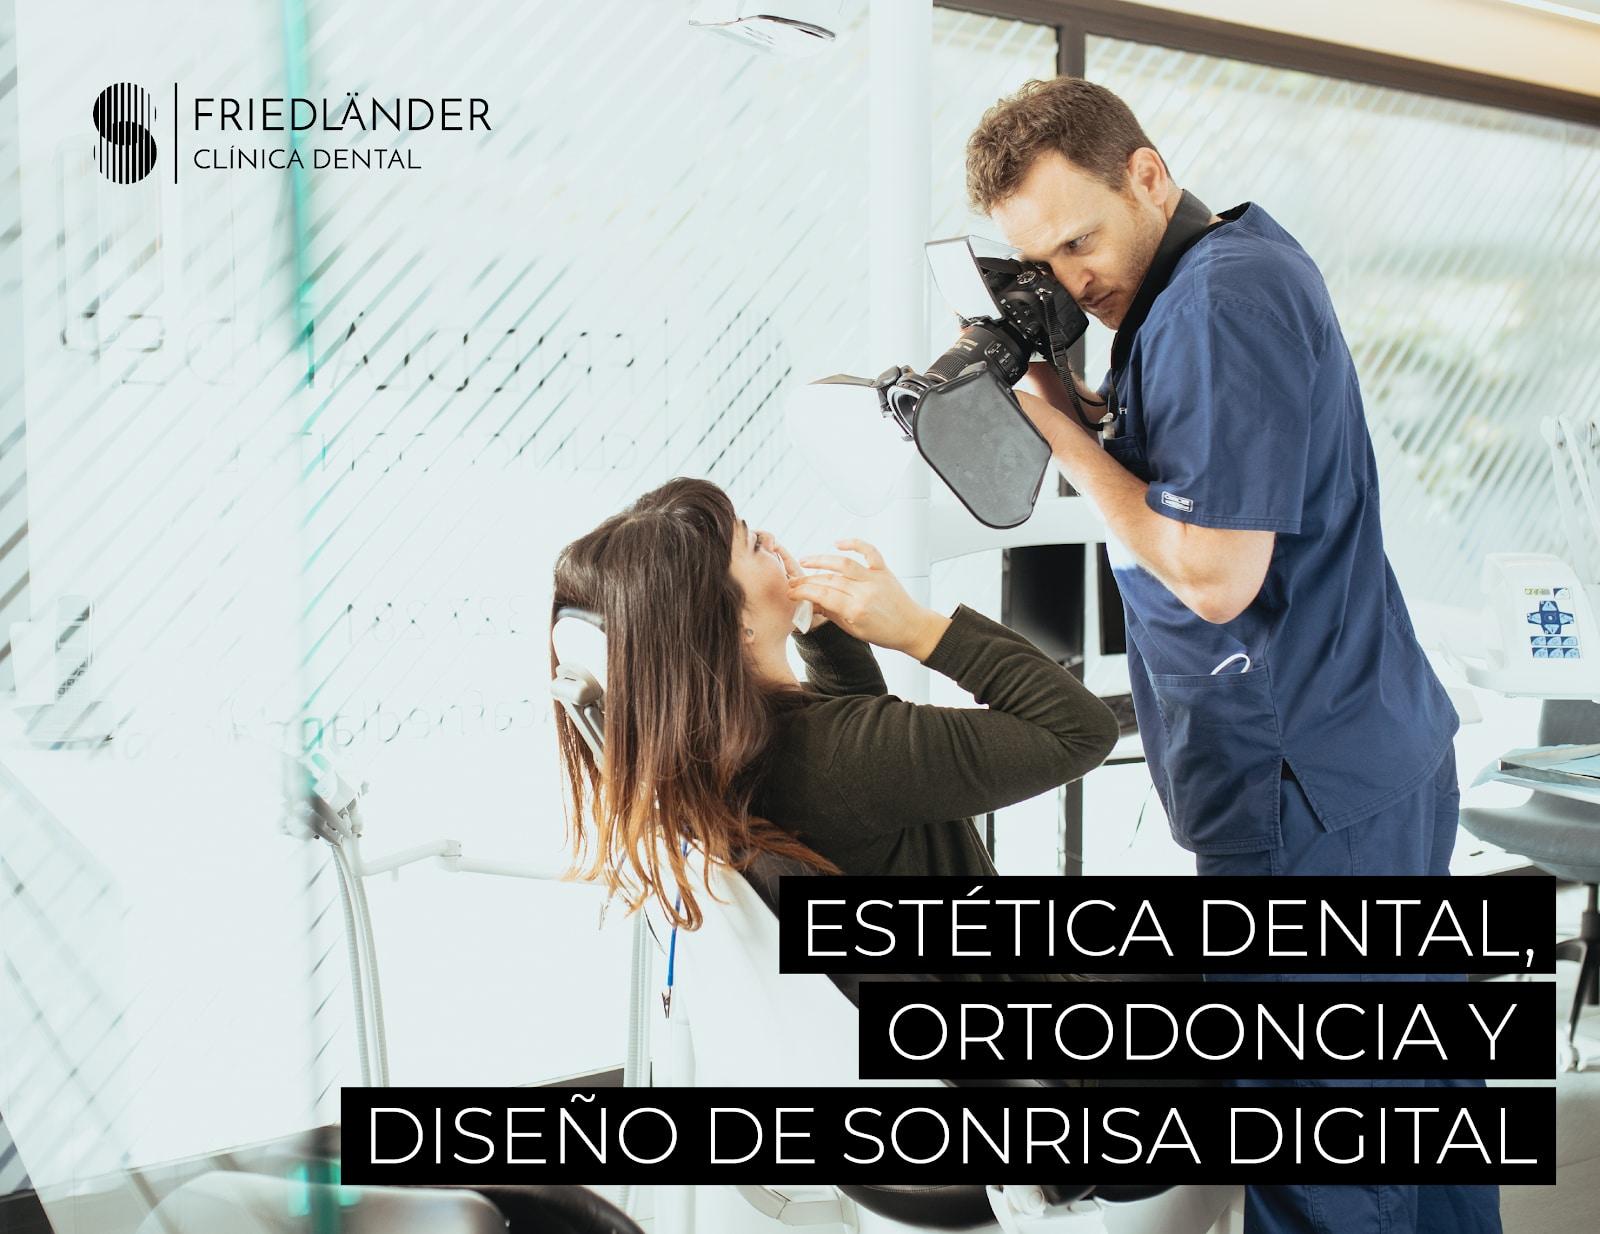 diseño de sonrisa digital